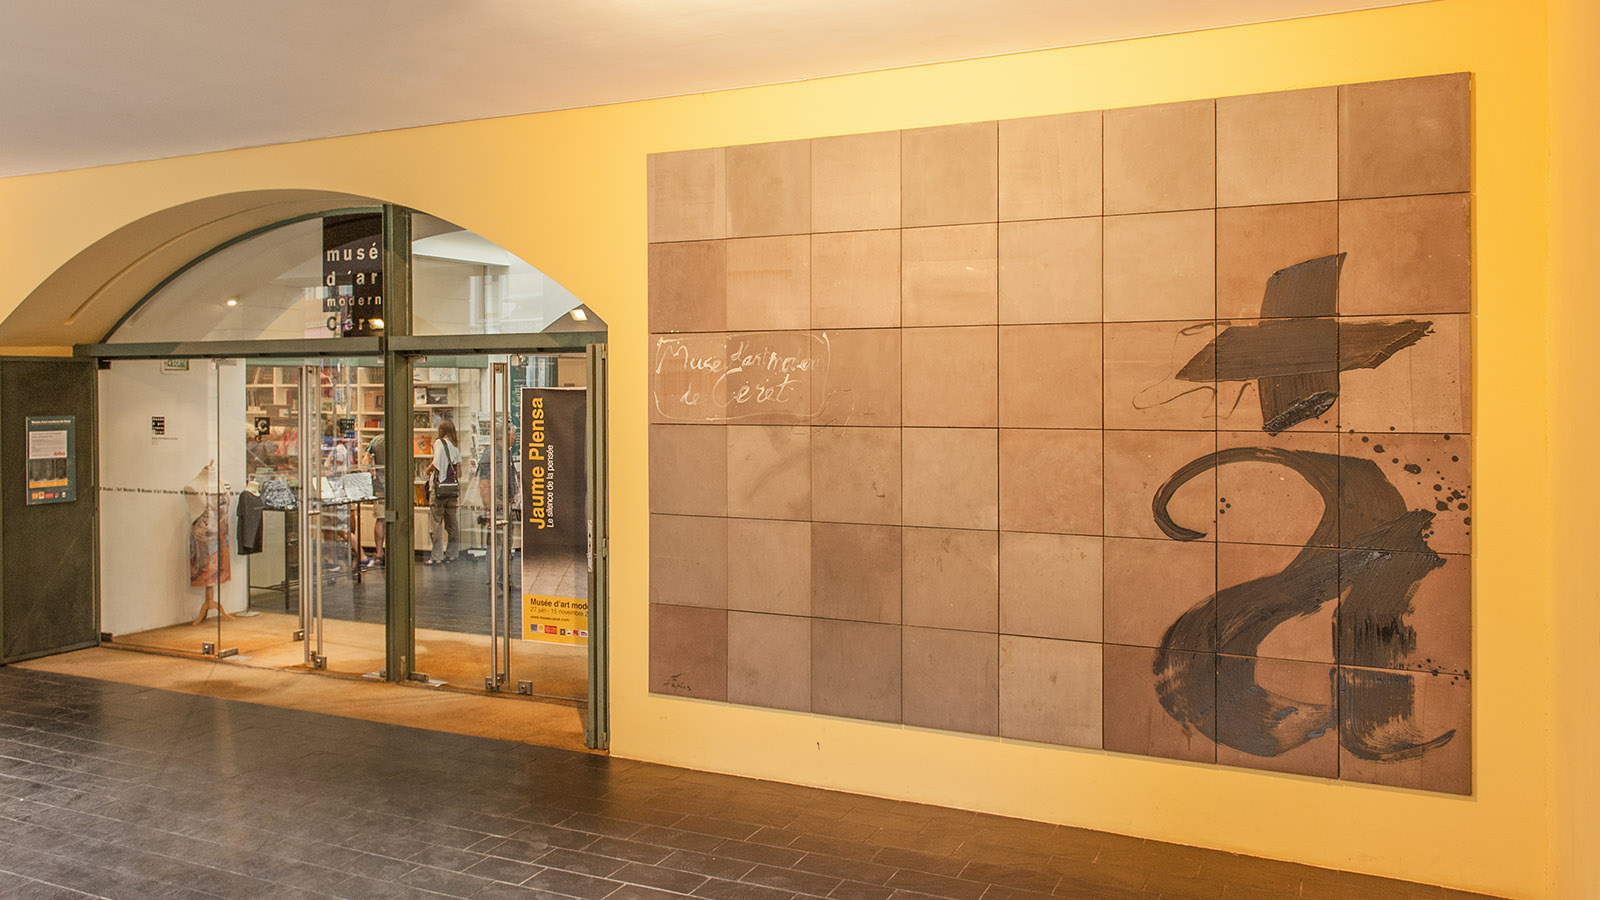 Der Eingang zum Kunstmuseum von Céret. Foto: Hilke Maunder